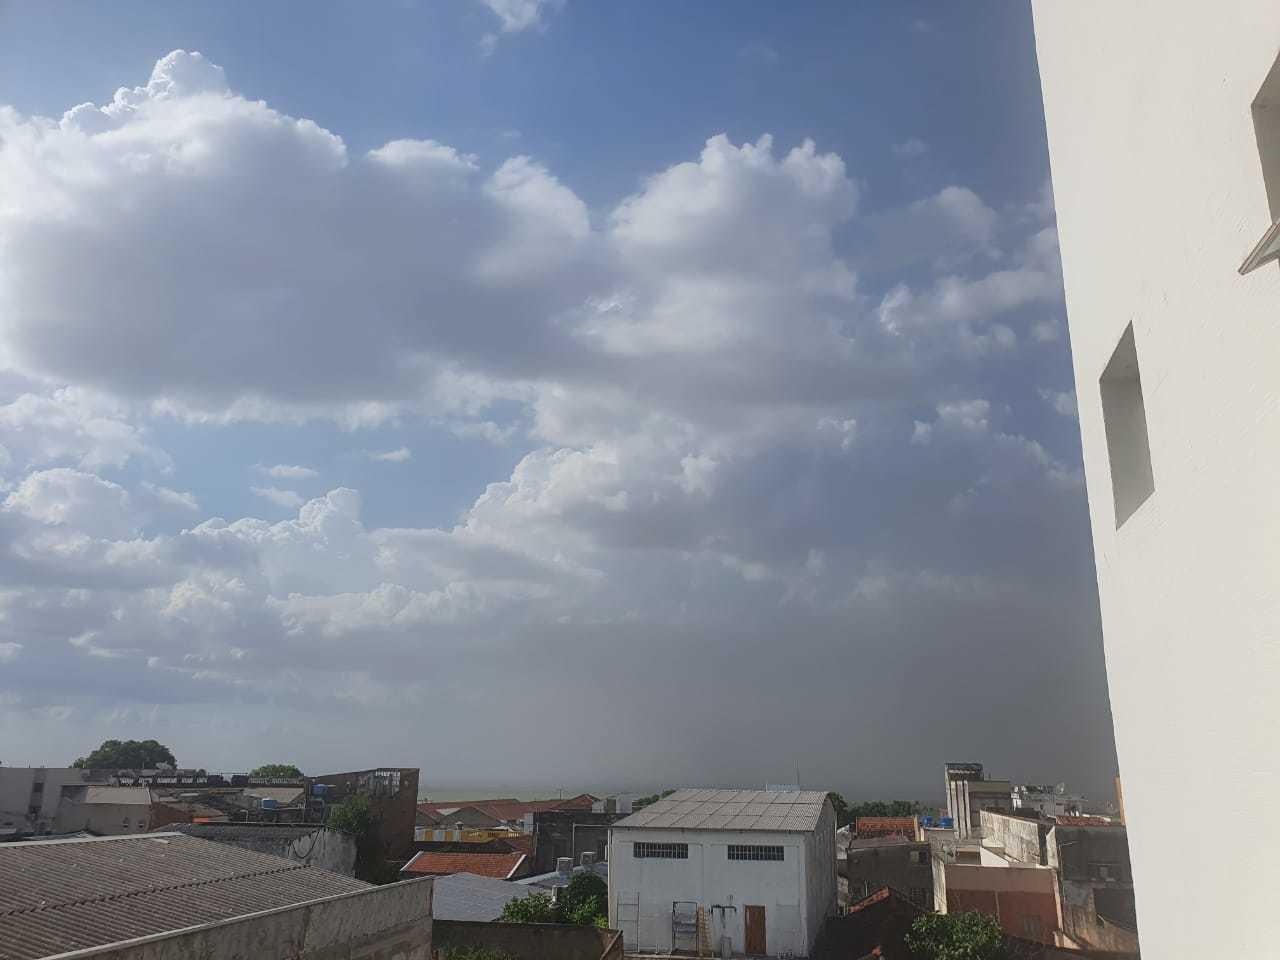 Tempestade de areia foi registrada em Corumbá (Foto: Direto das Ruas)